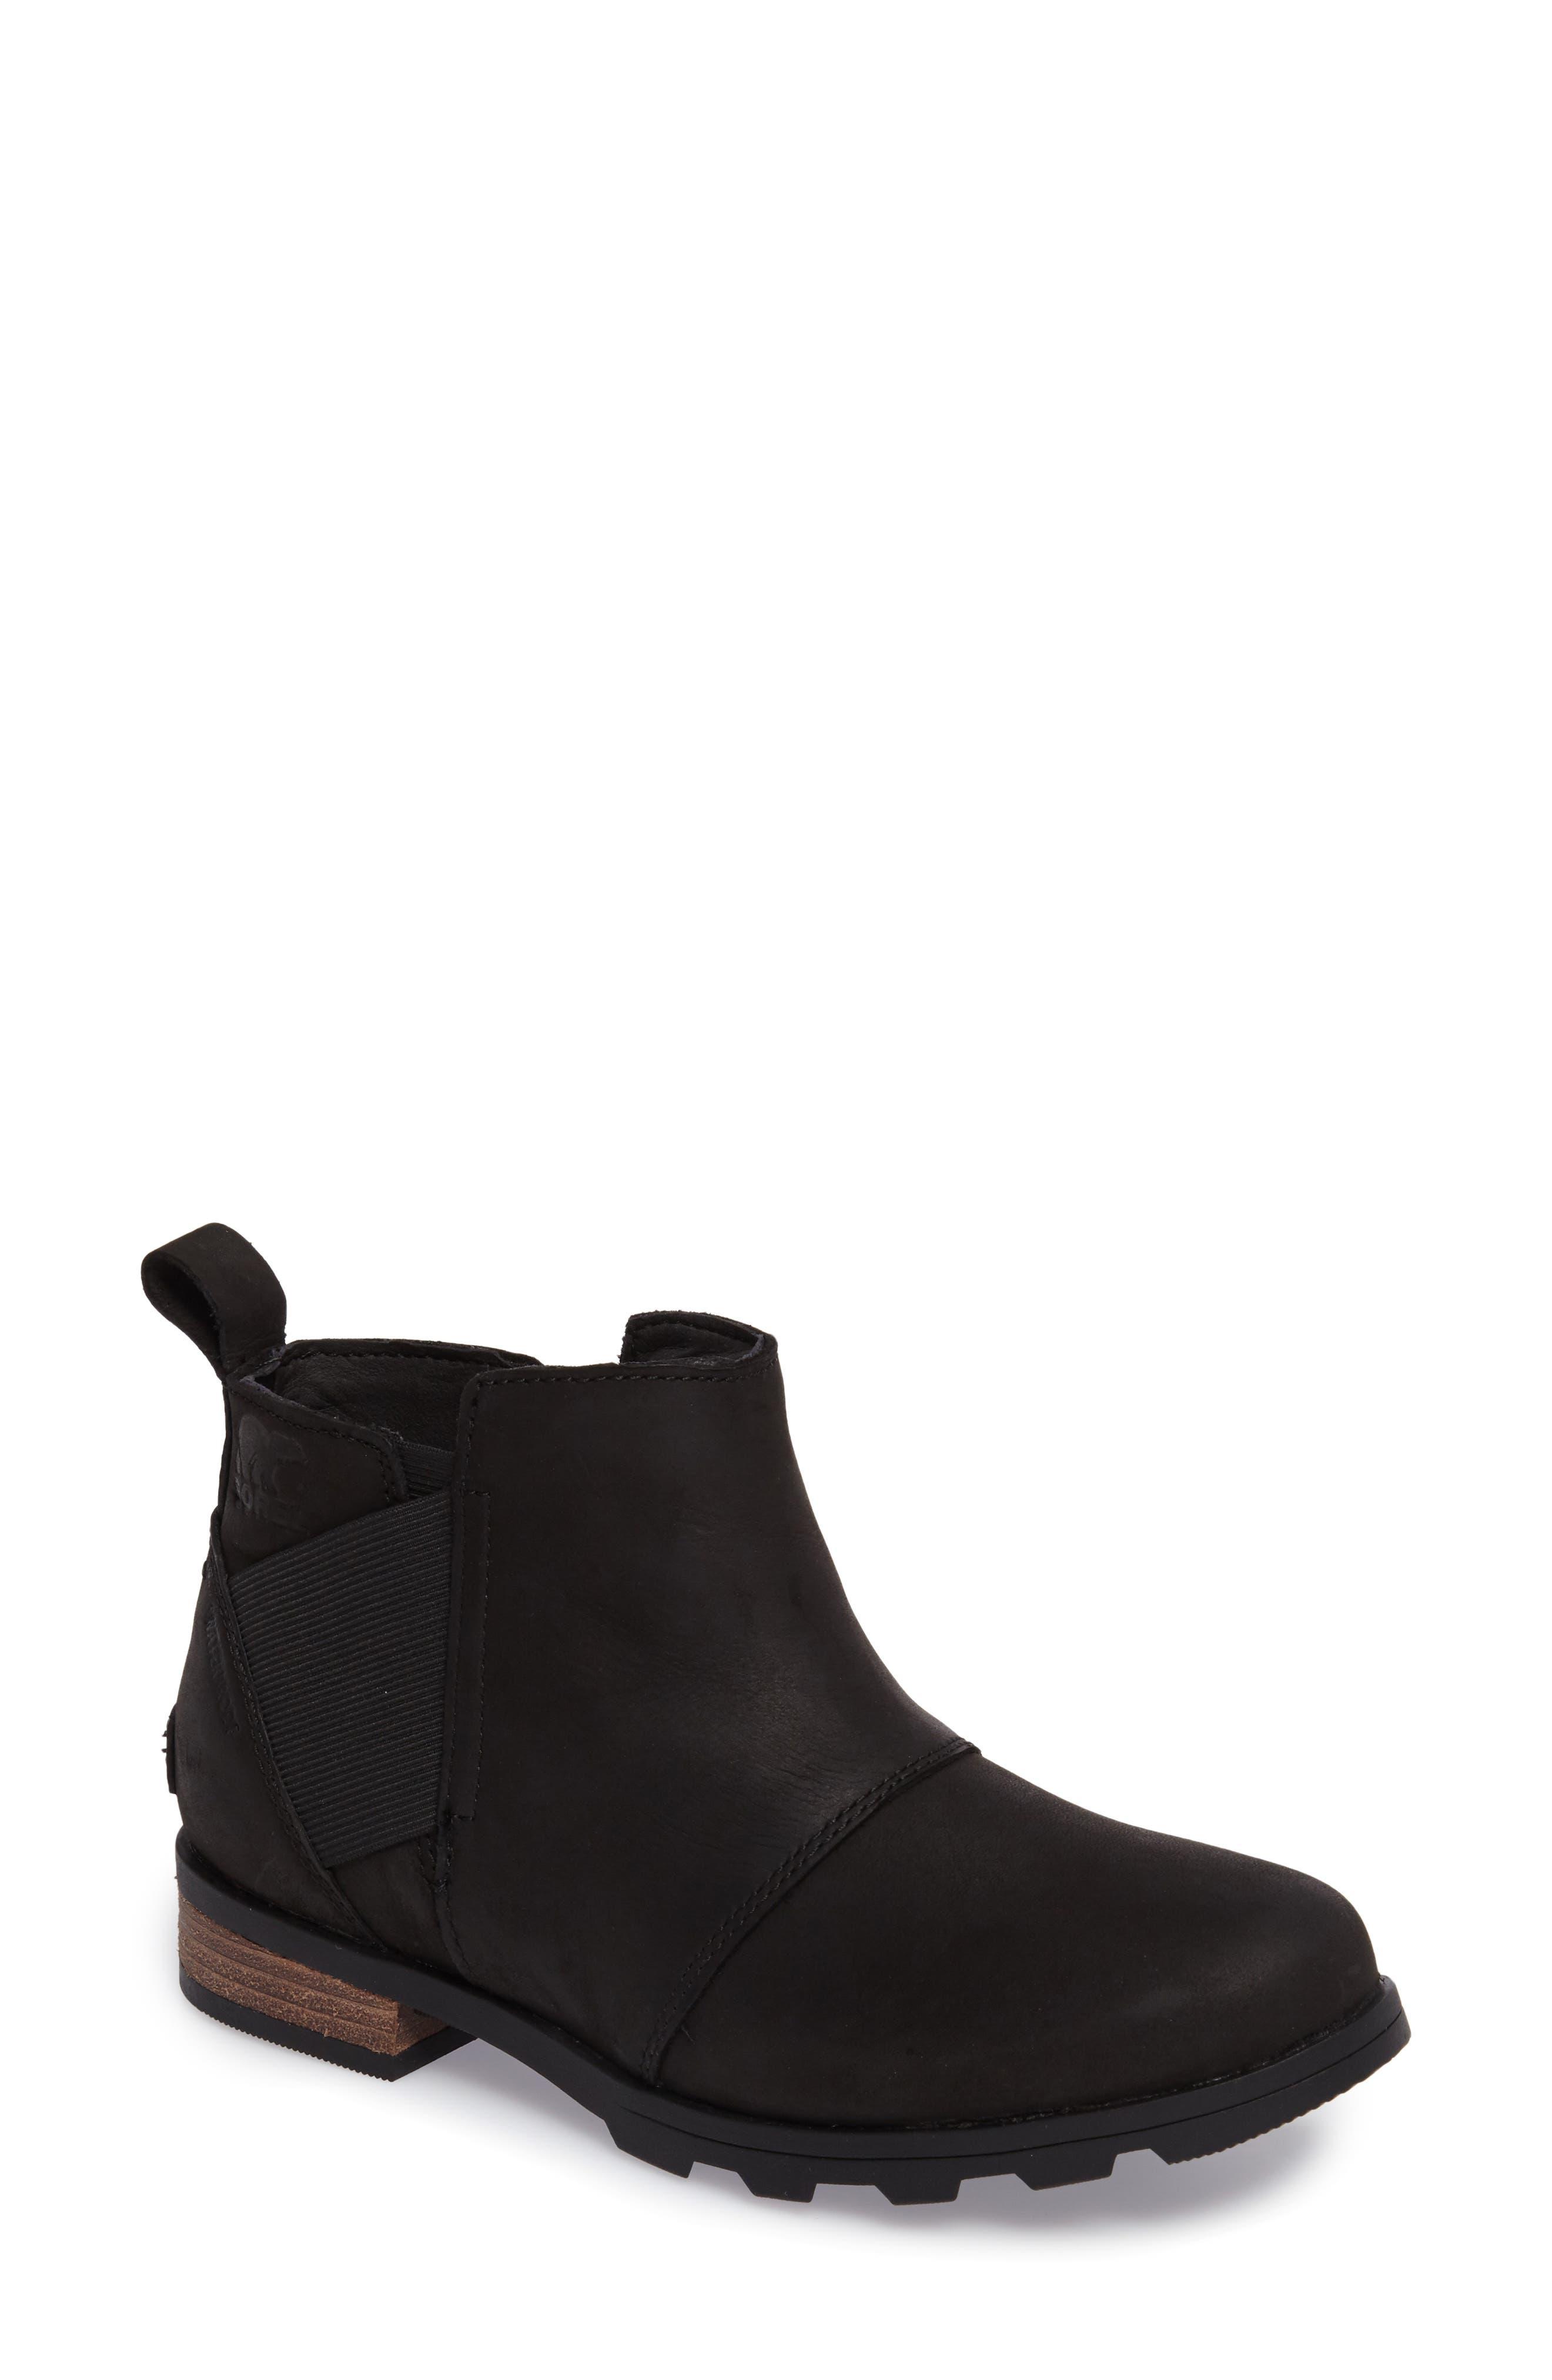 Emelie Waterproof Chelsea Boot,                         Main,                         color, Black/ Black